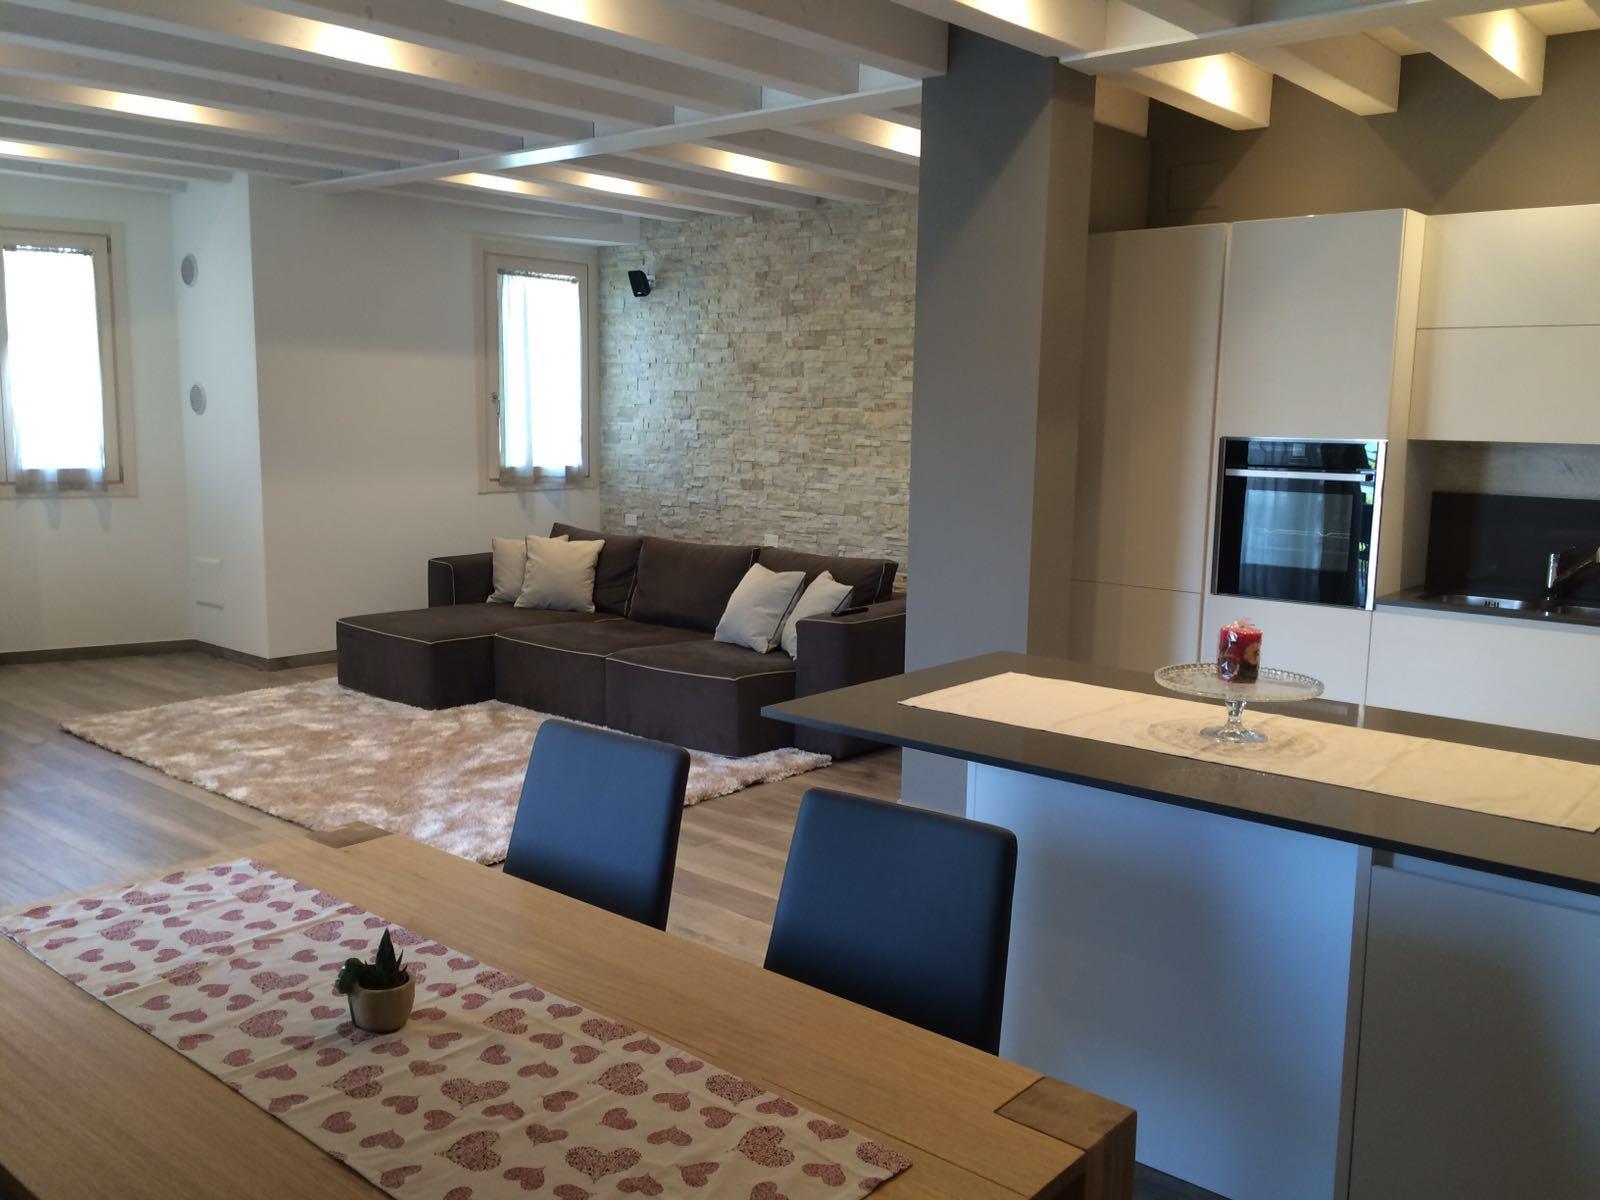 Living room kitchen treviso astro arredamenti for Ad arredamenti treviso